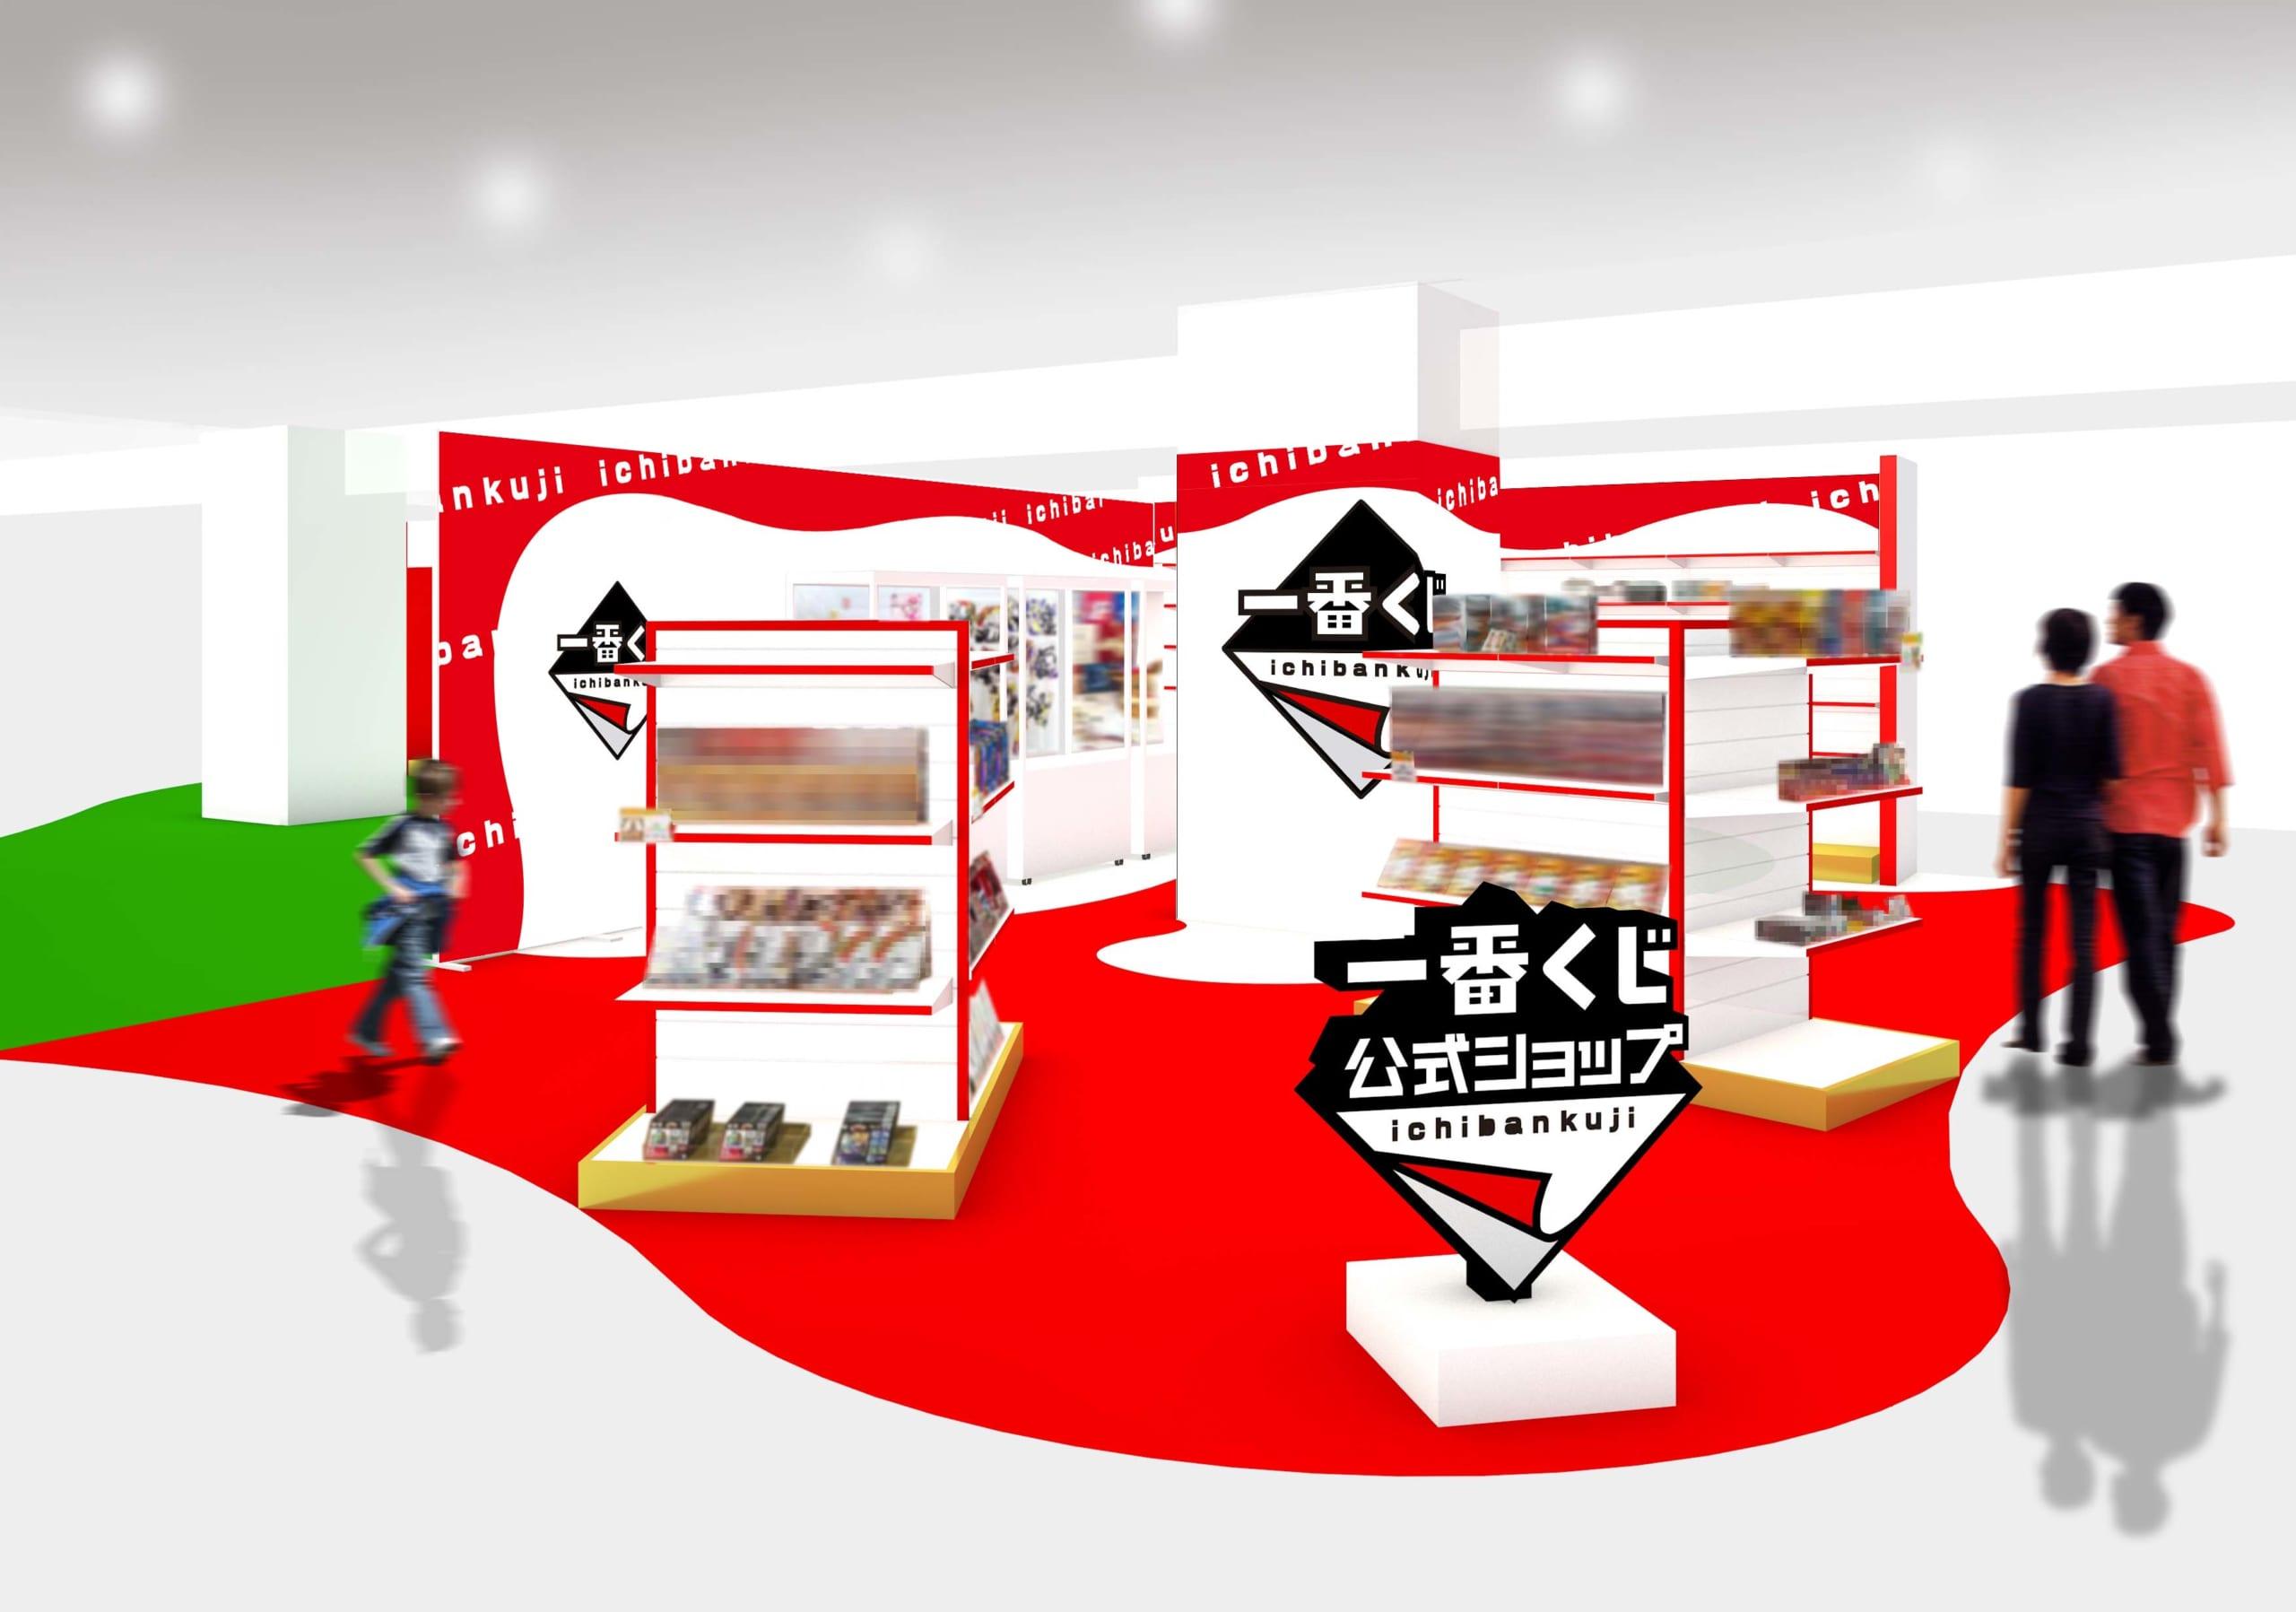 「一番くじ公式ショップ」横浜ワールドポーターズに第3号店がオープン!「安心感」も兼ね備えたくじ引き体験をお届け